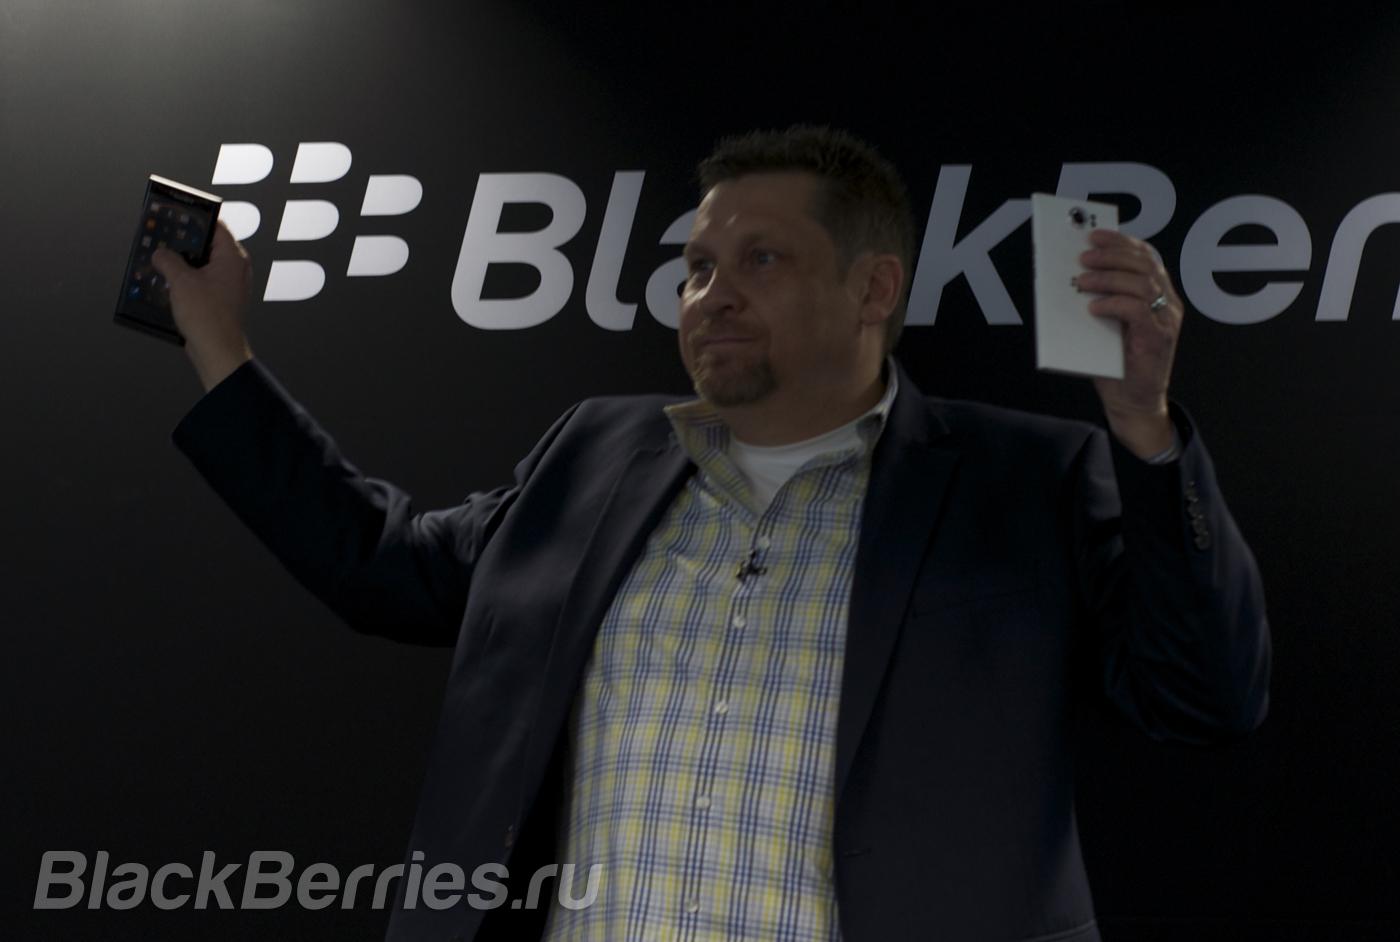 BlackBerry-Slider